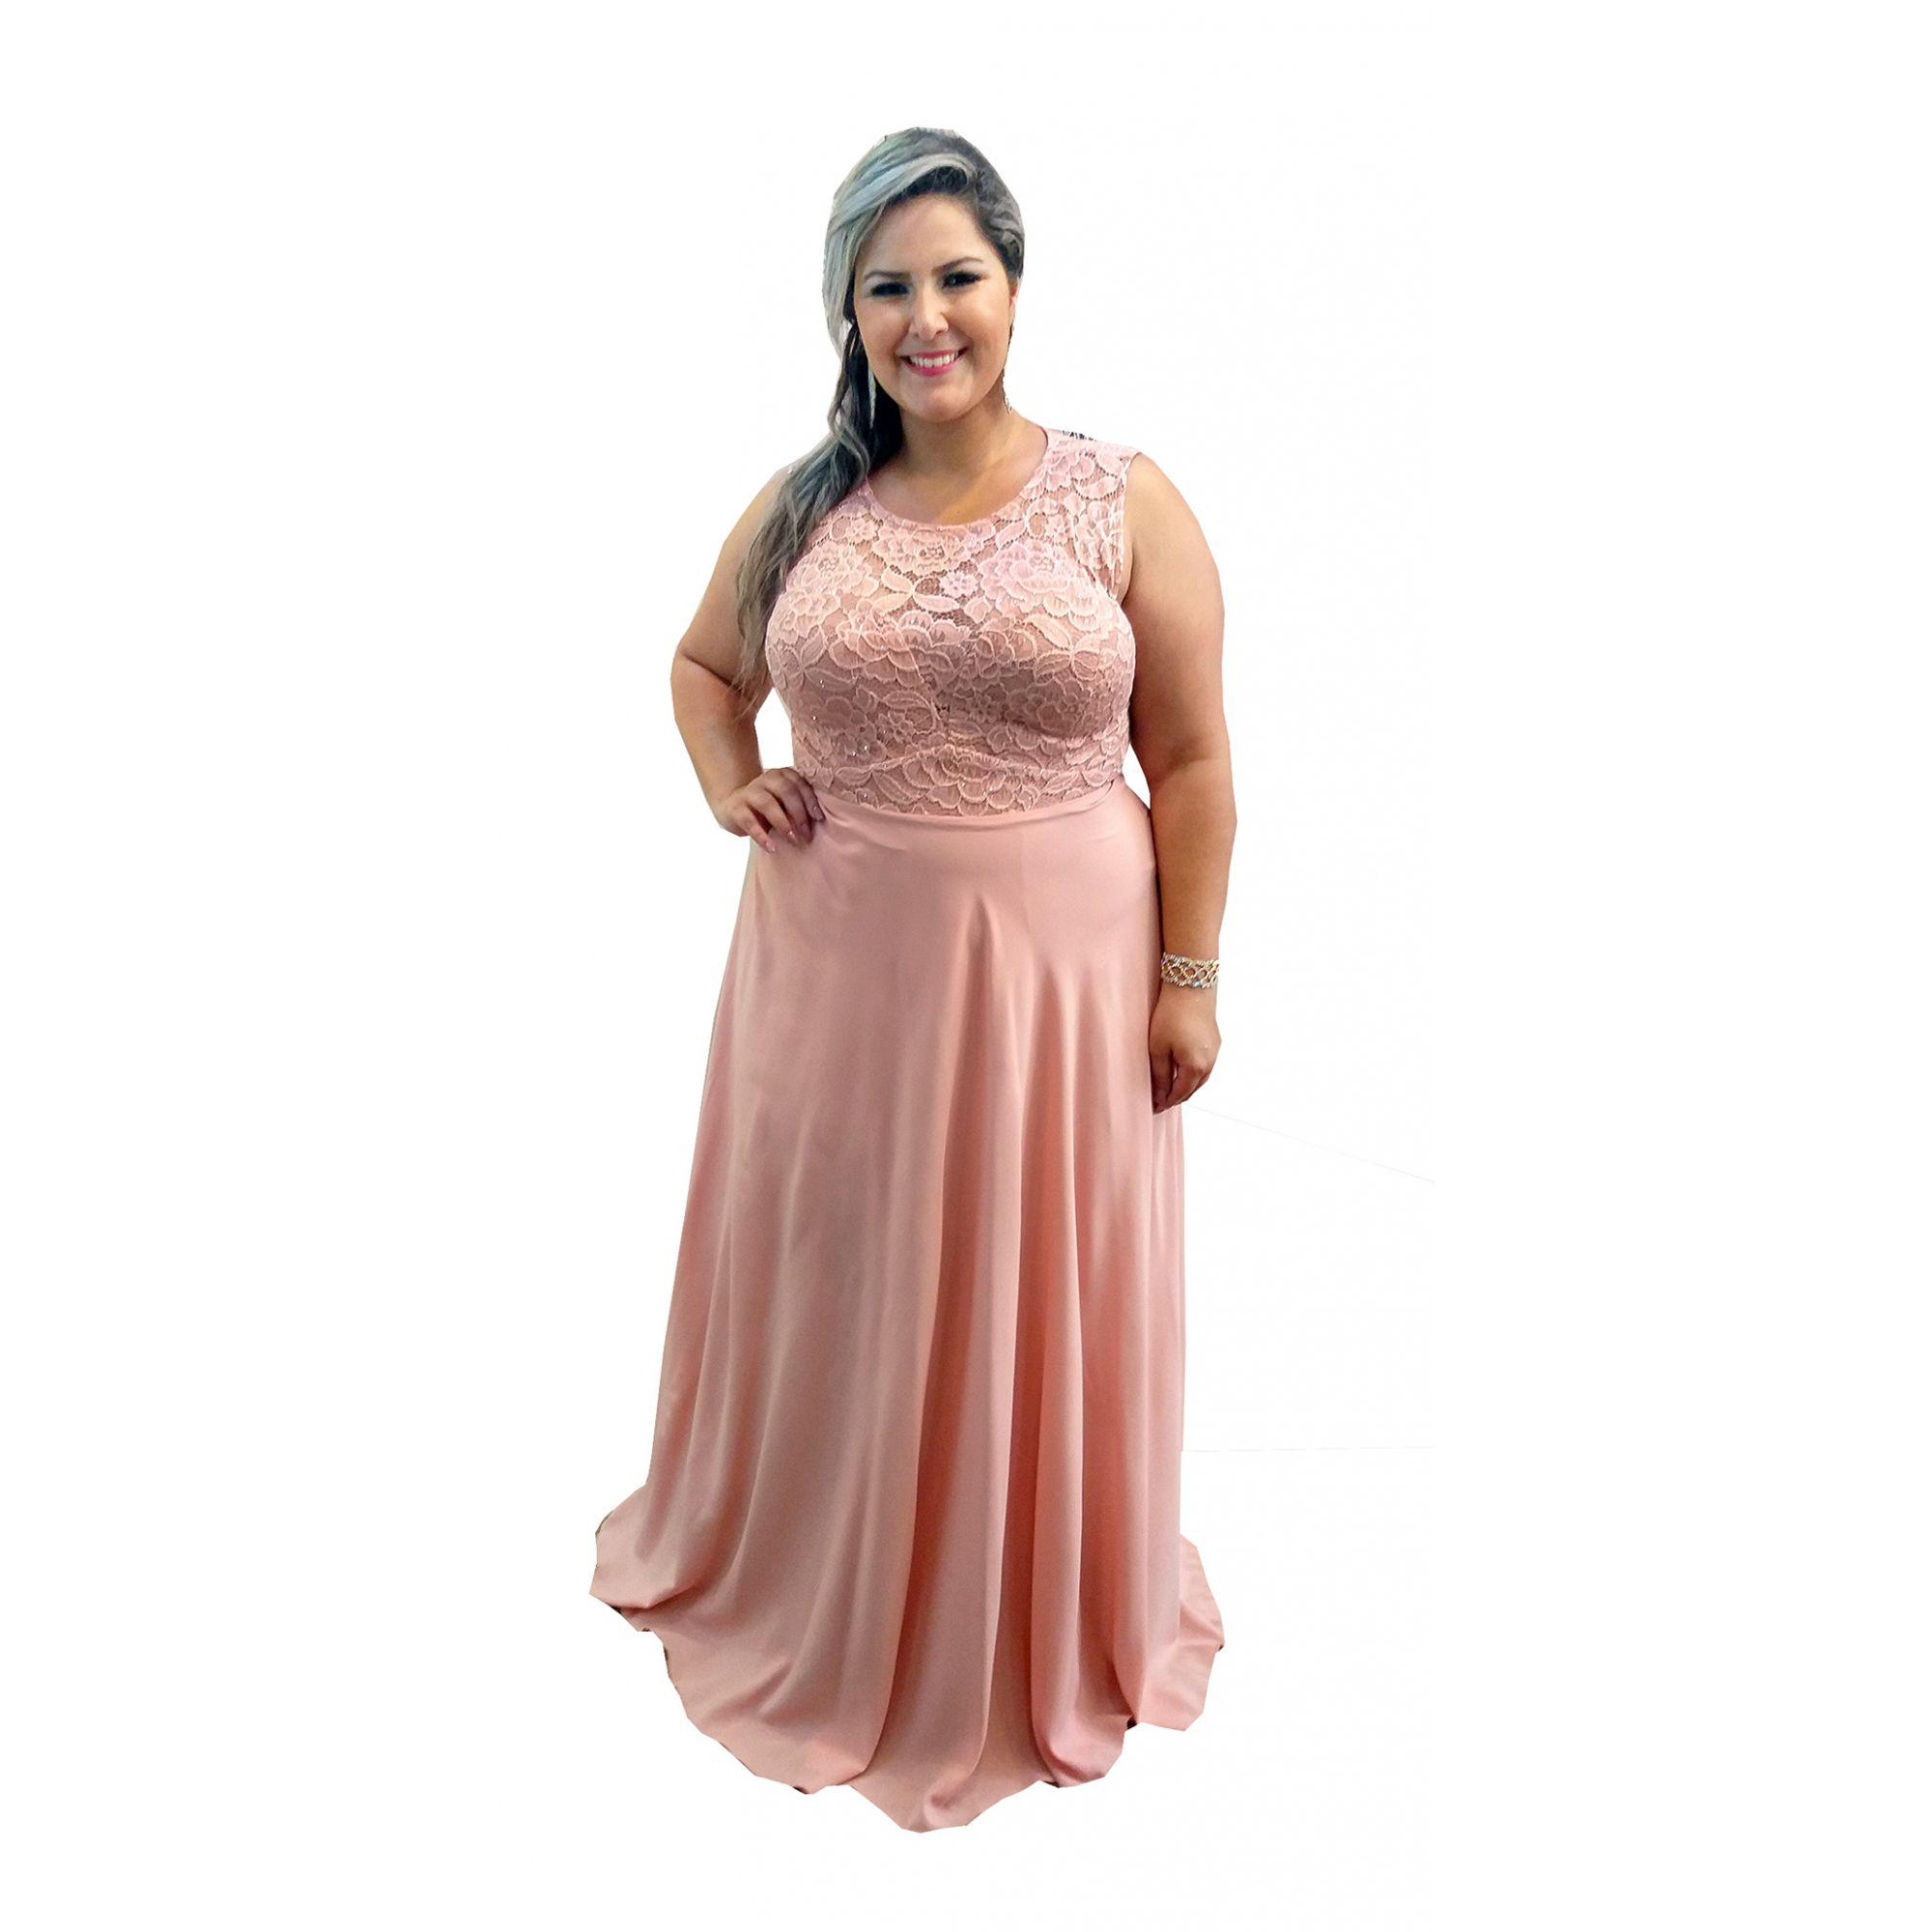 27323c0cc Vestido Festa Plus Size Rose - Madrinha Casamento Formatura